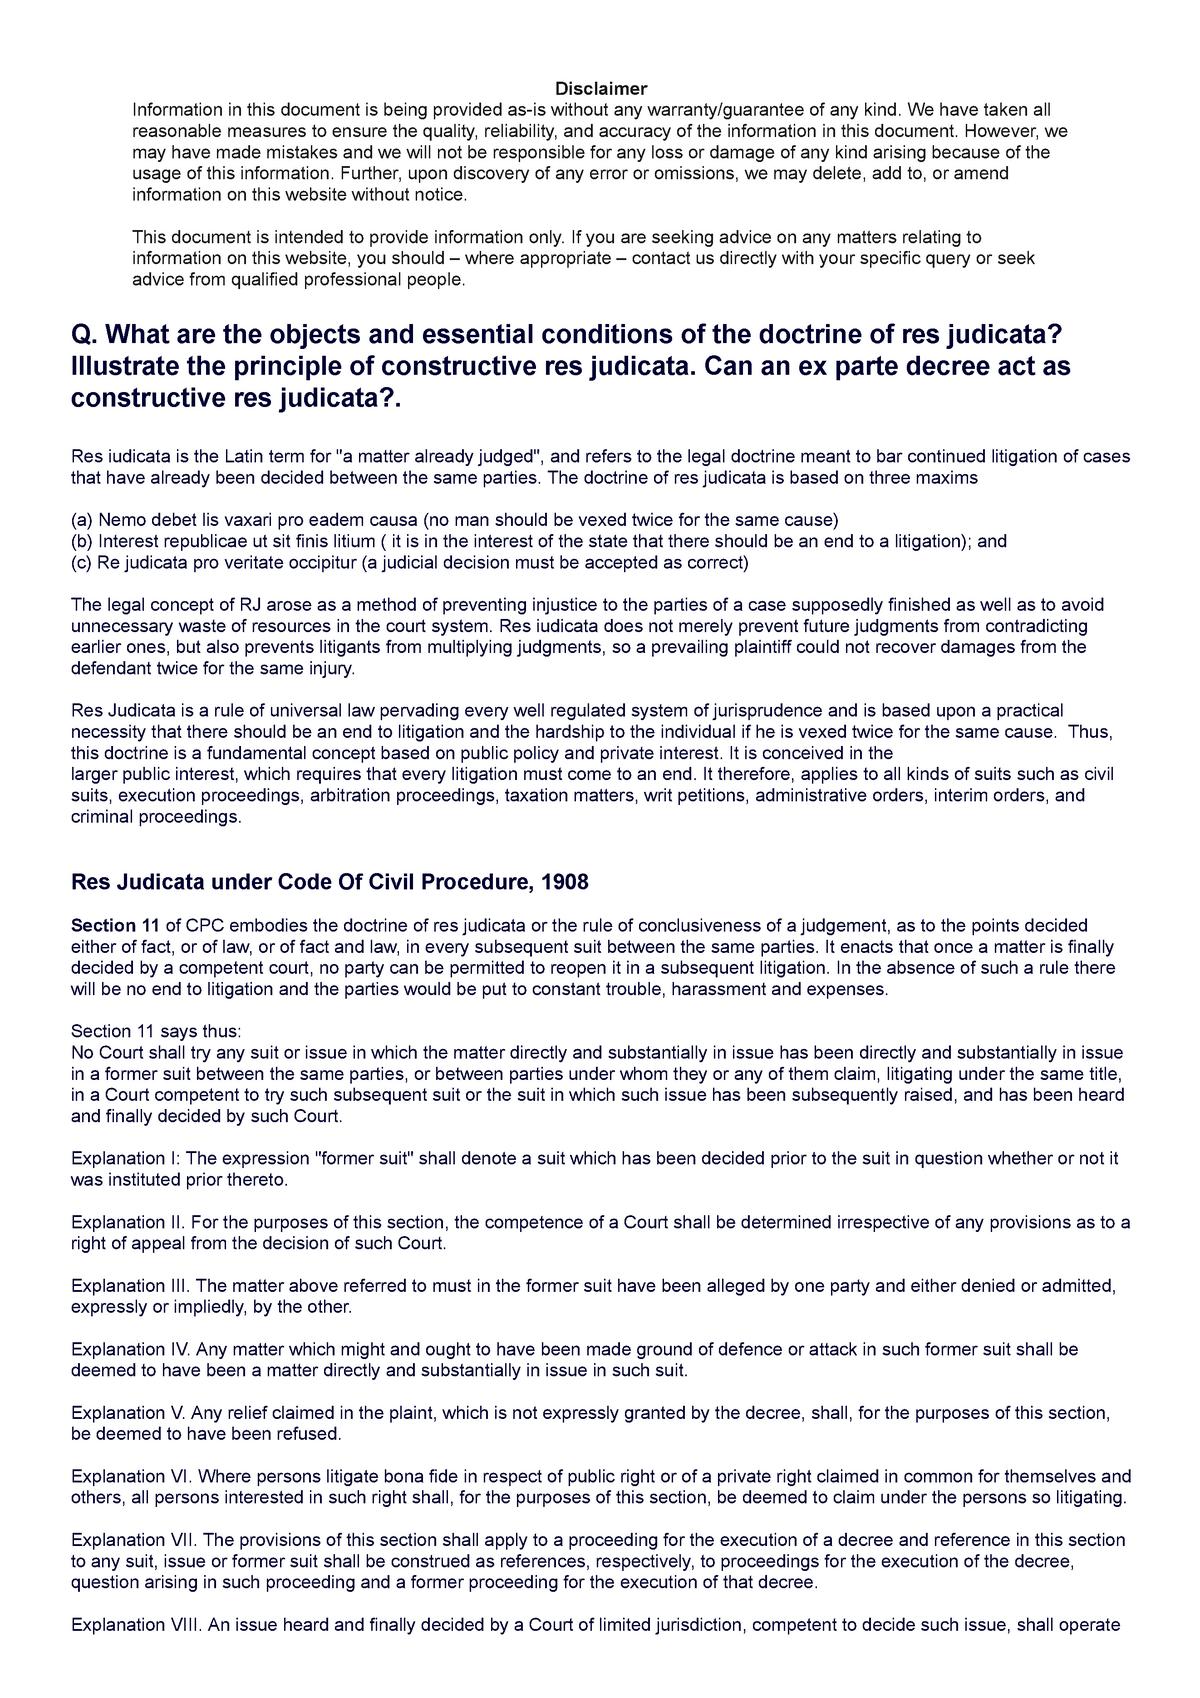 Hanumant com CPC-Res Judicata - Civil procedure code - StuDocu